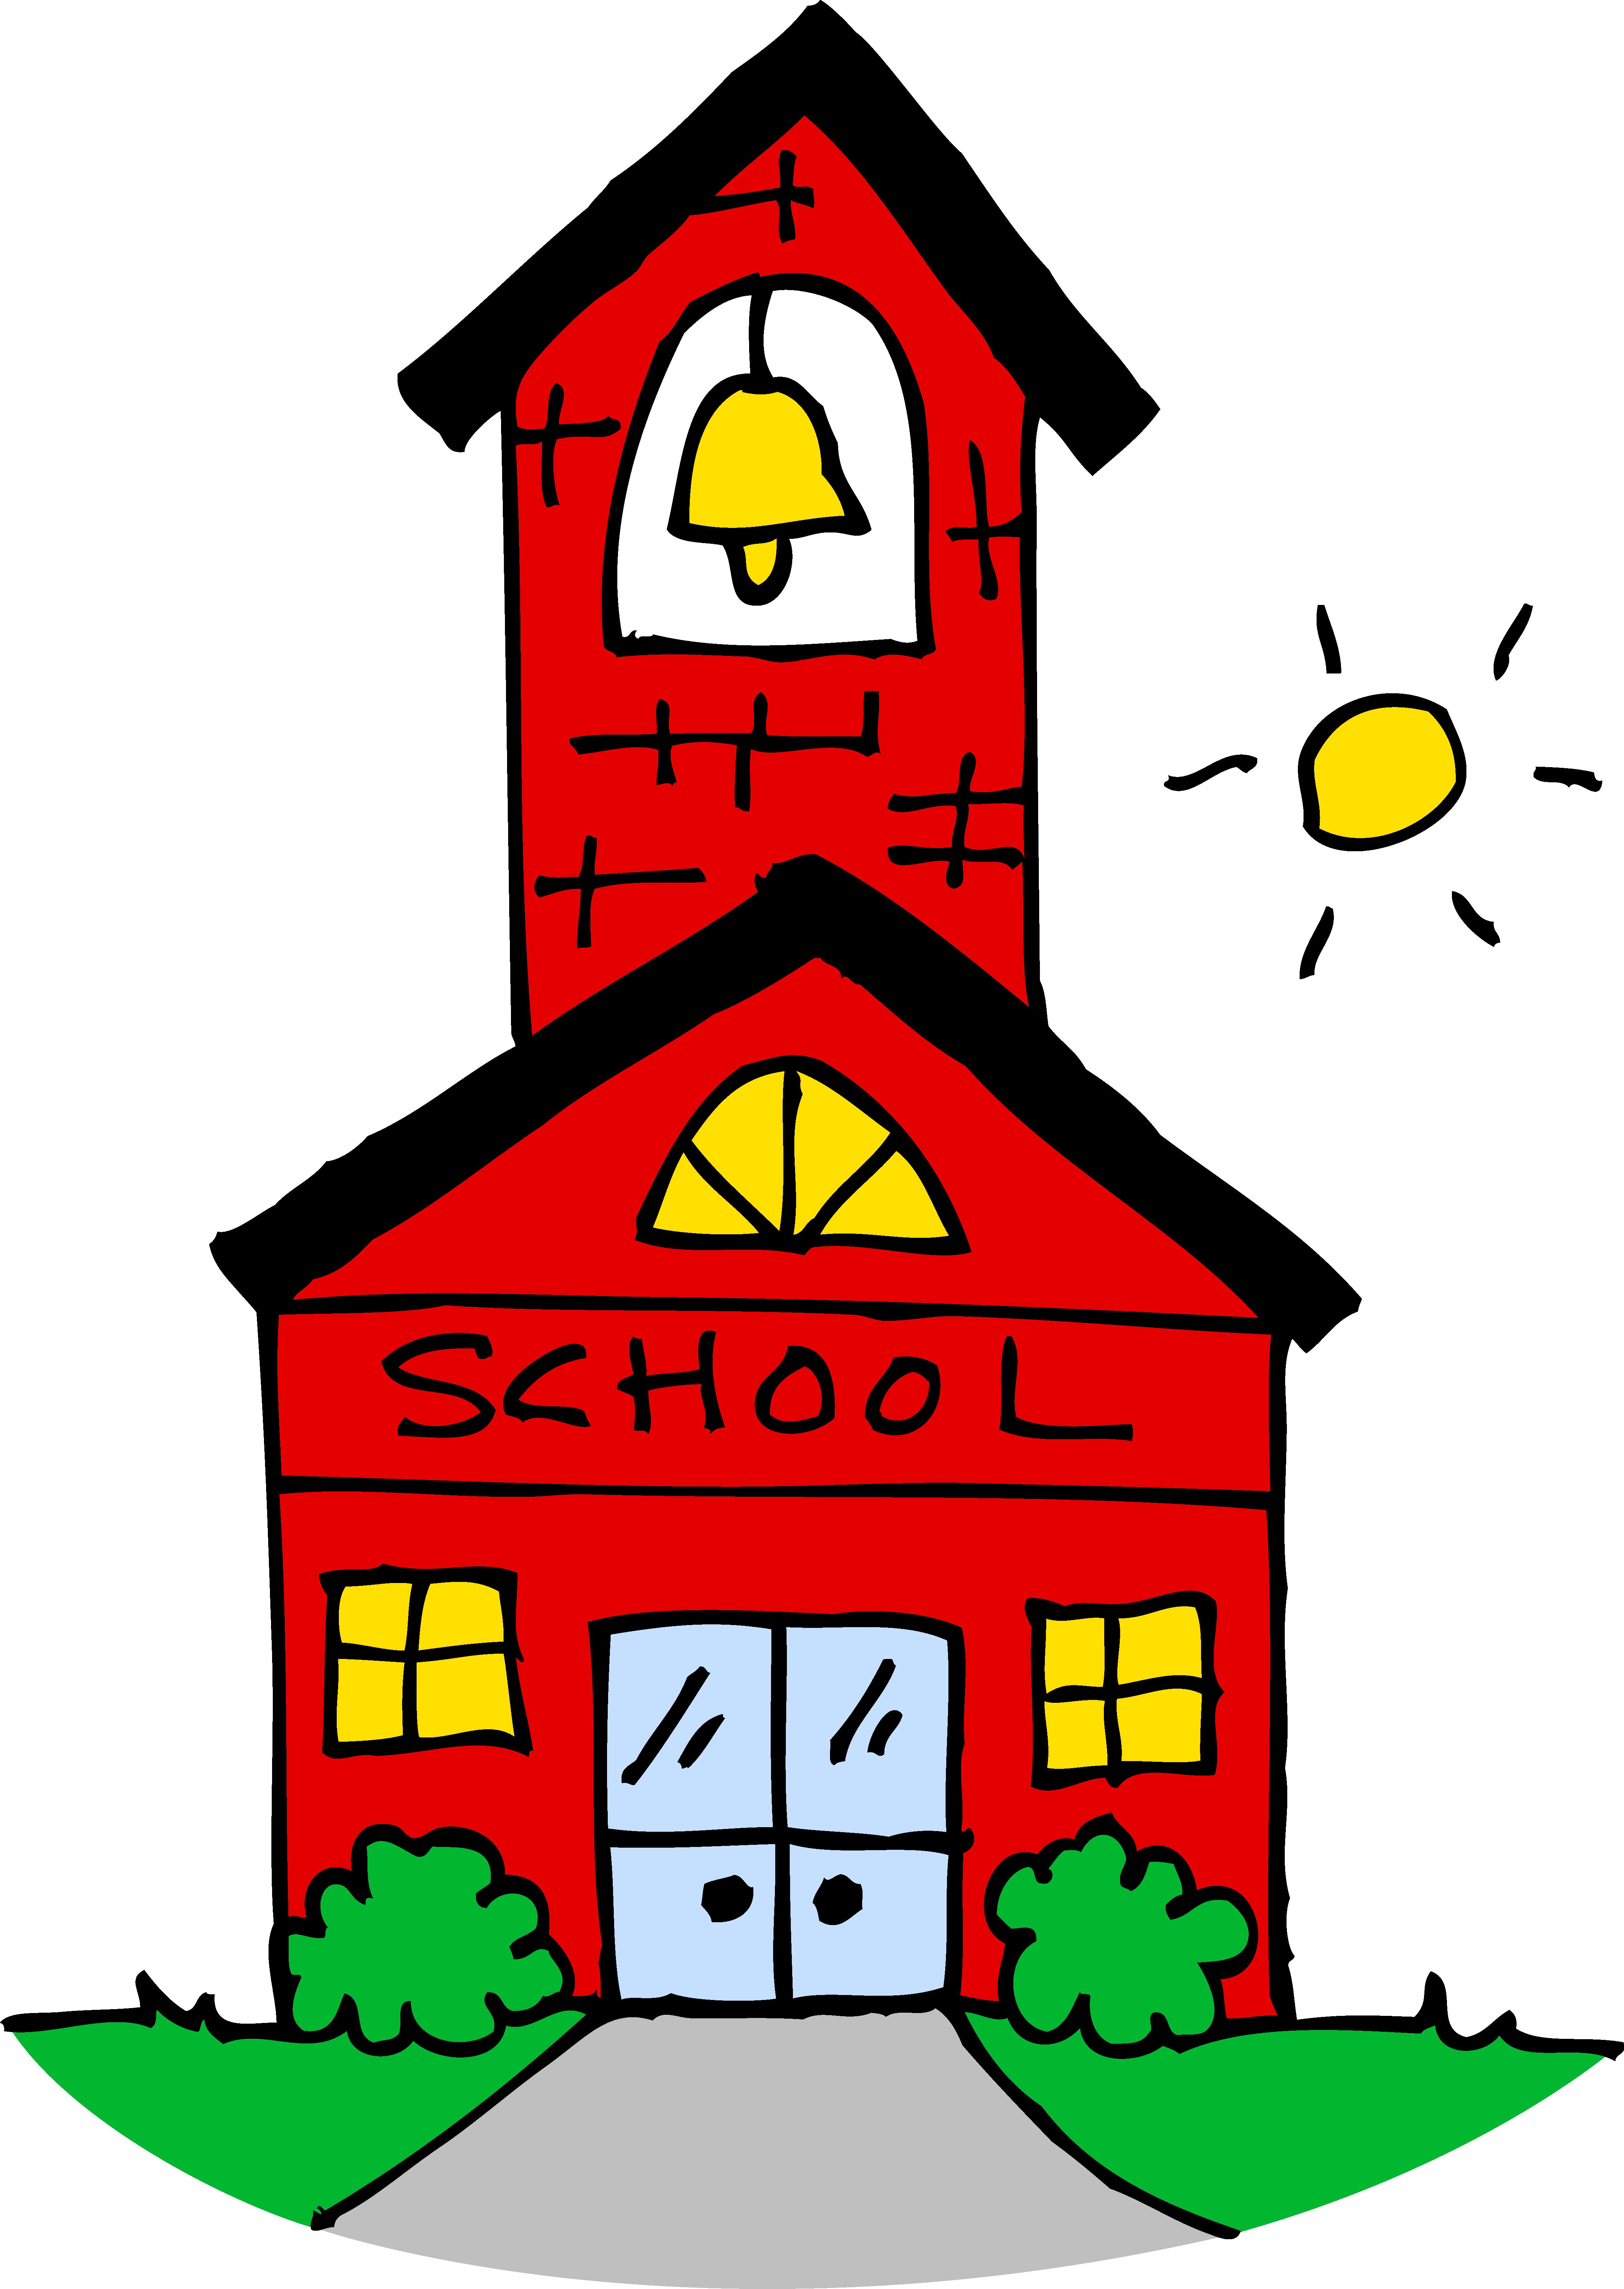 Cute School House Clipart - Free Clip Ar-Cute School House Clipart - Free Clip Art-14